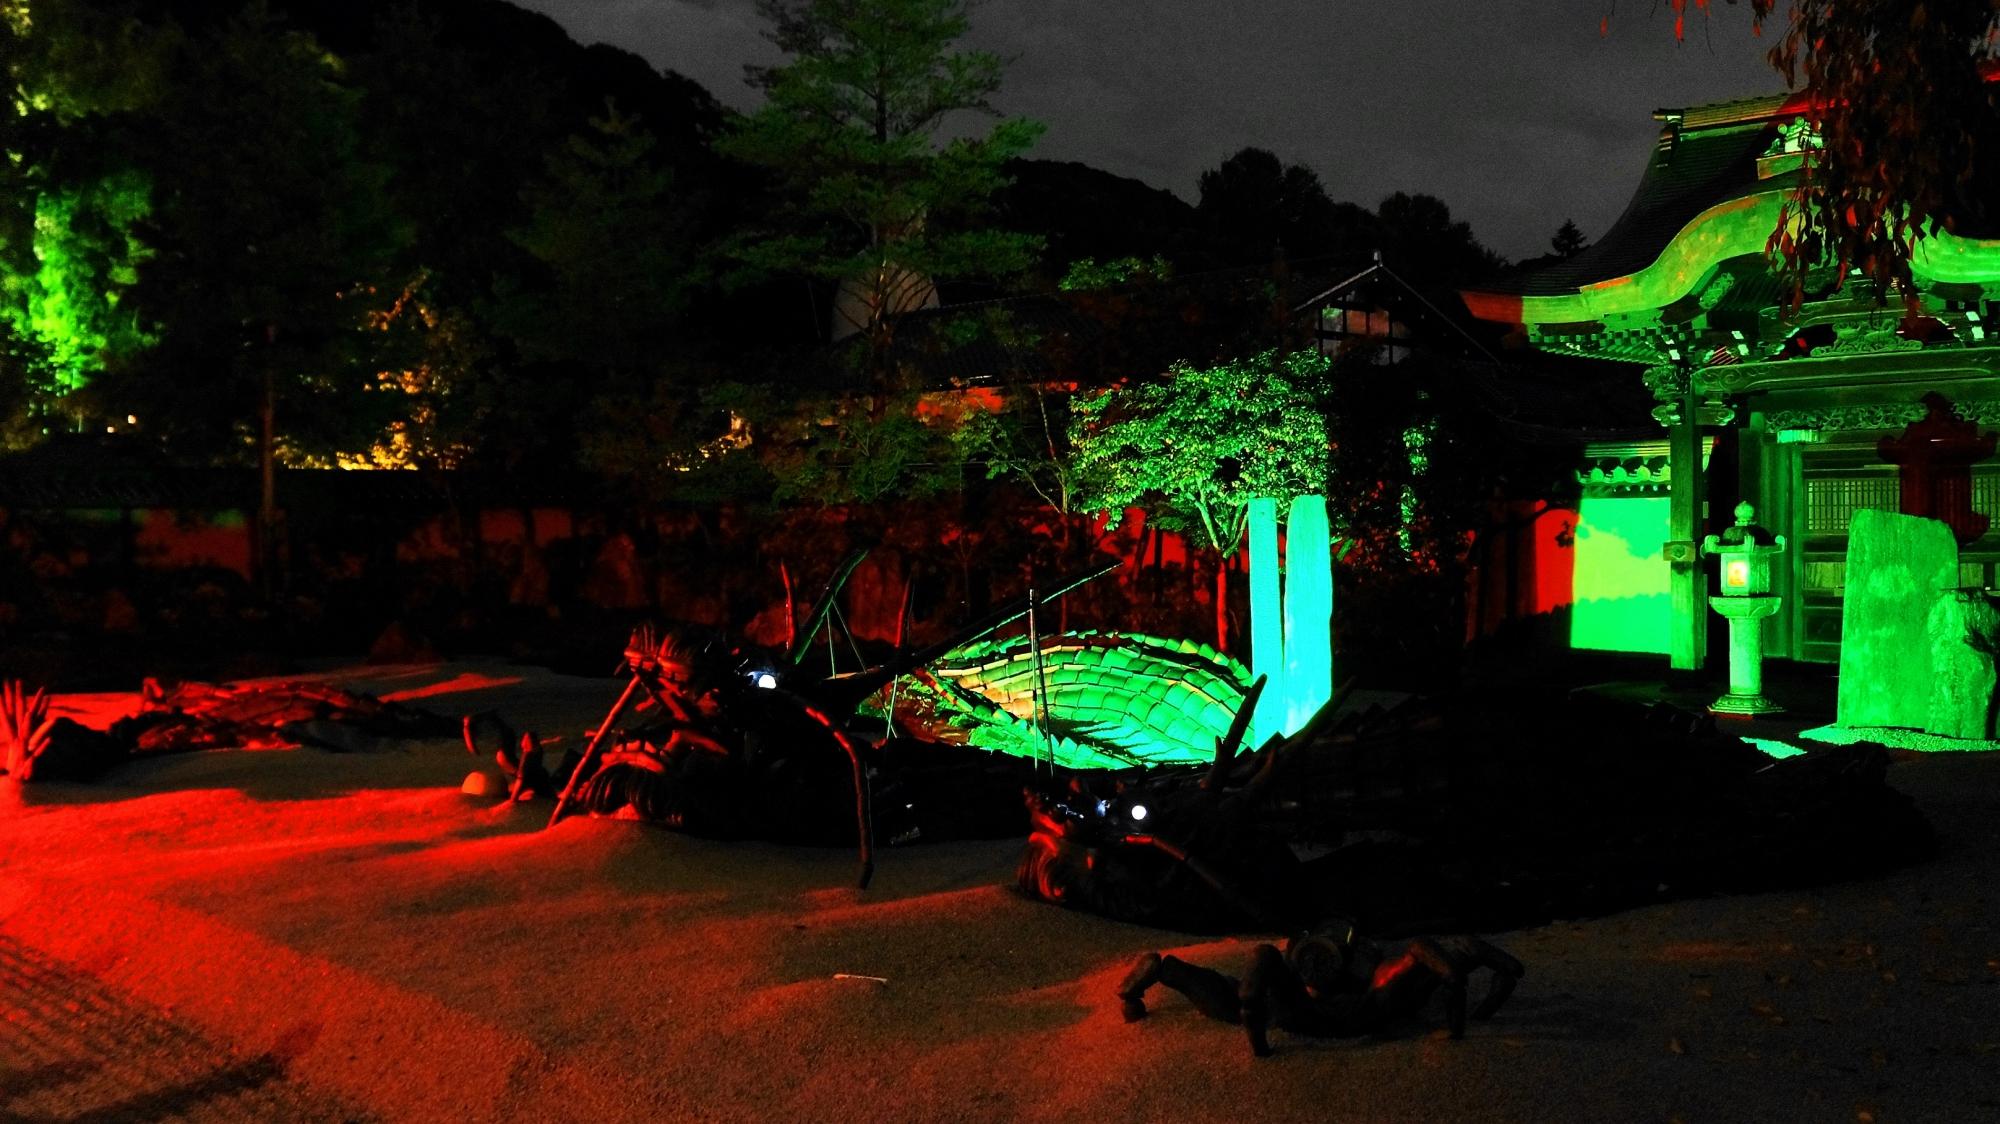 高台寺の龍の方丈庭園の華やかなライトアップ